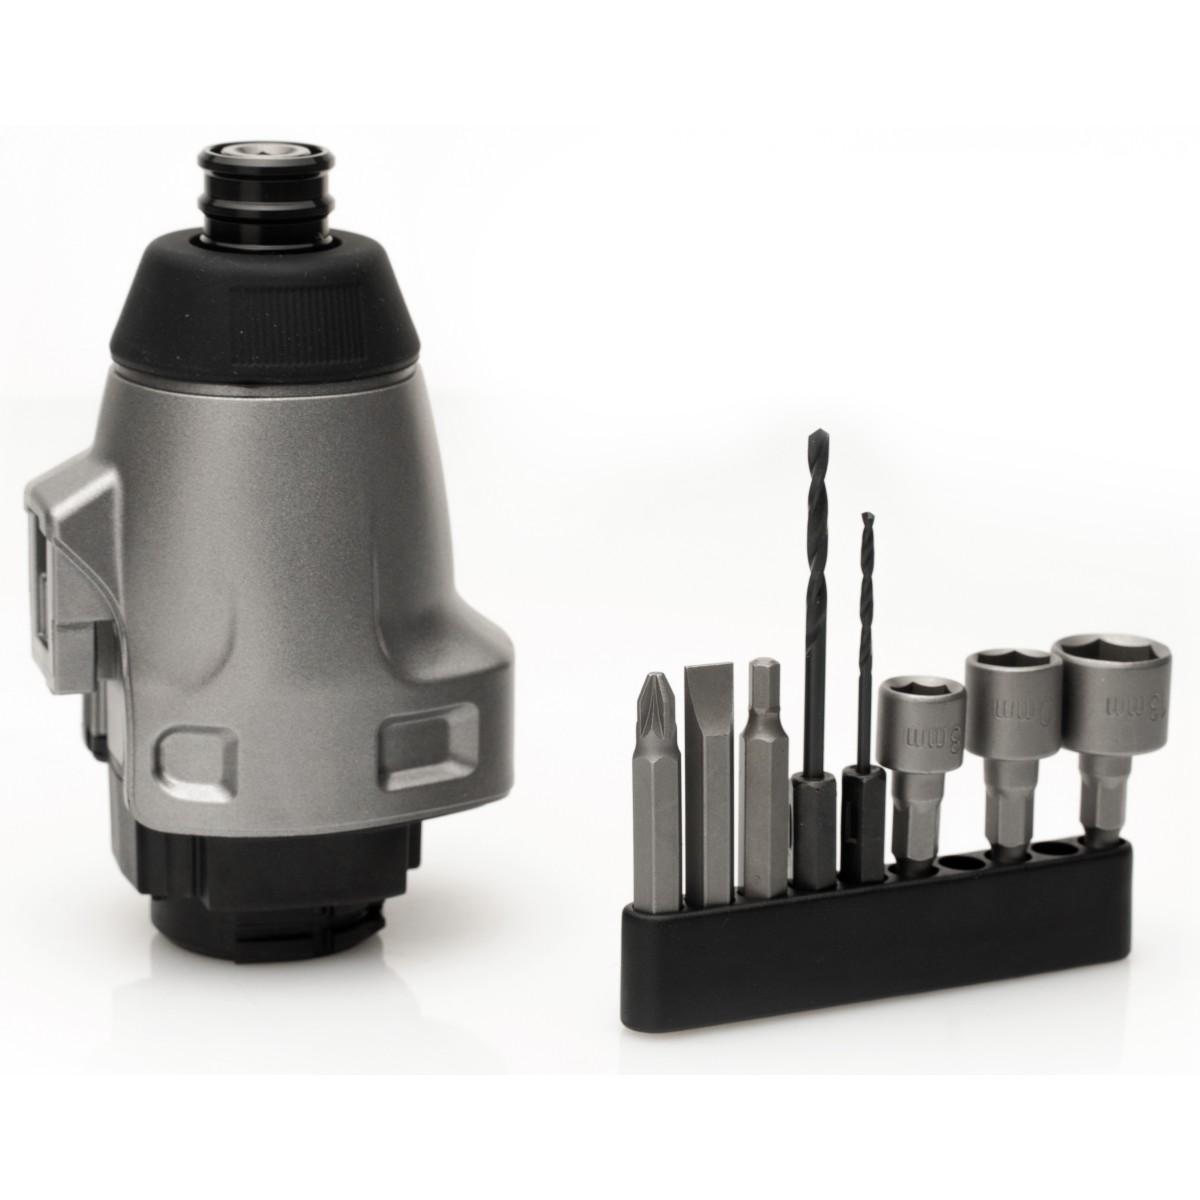 Насадка для мультиинструмента Black&ampDecker MultiEvo Импульсный шуруповерт